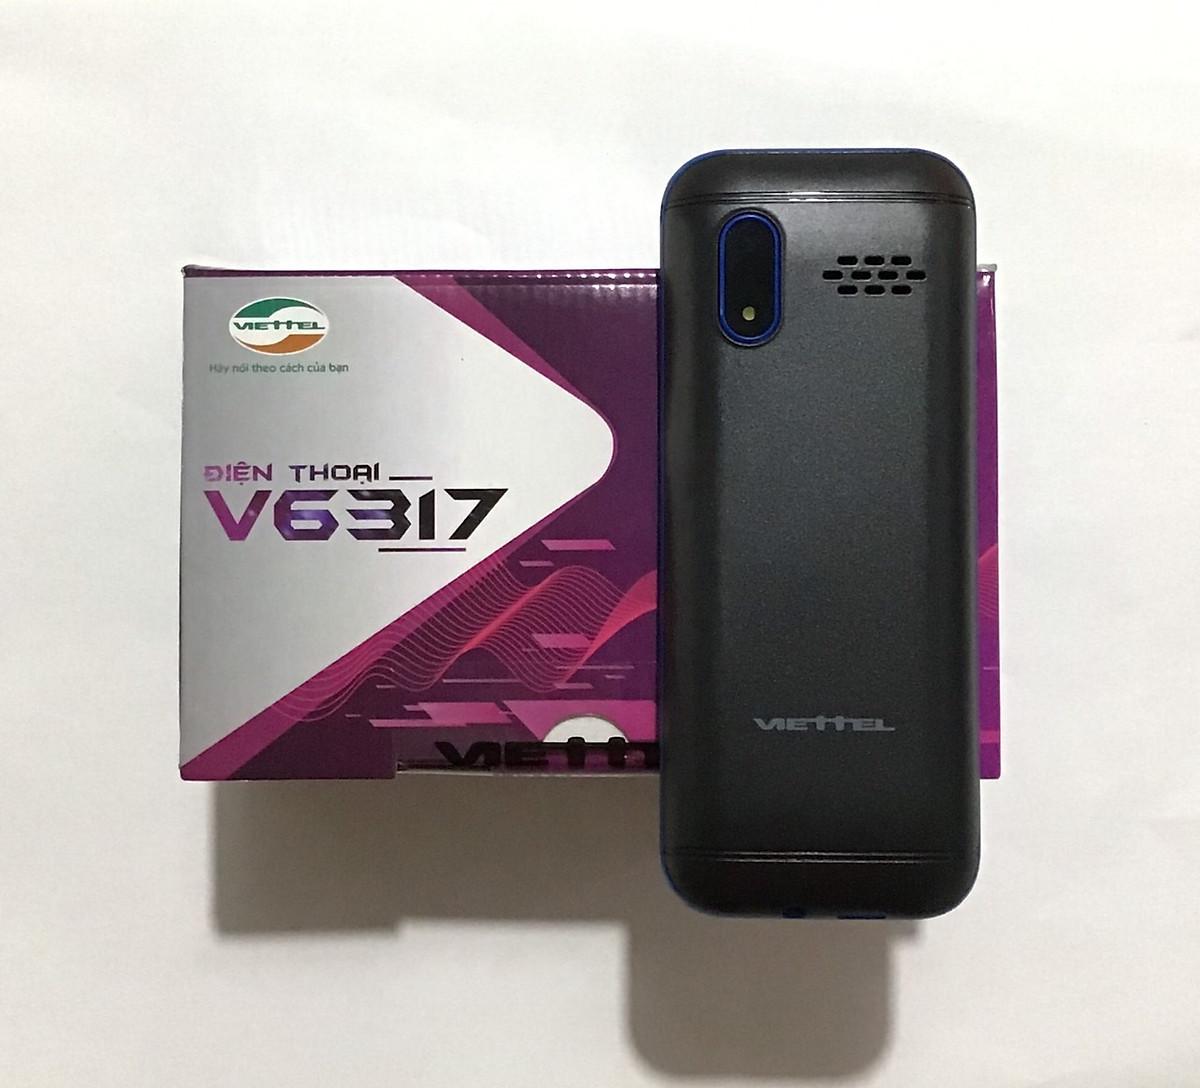 Điện Thoại 2 Sim Viettel V6317 - Hàng Chính Hãng - 1